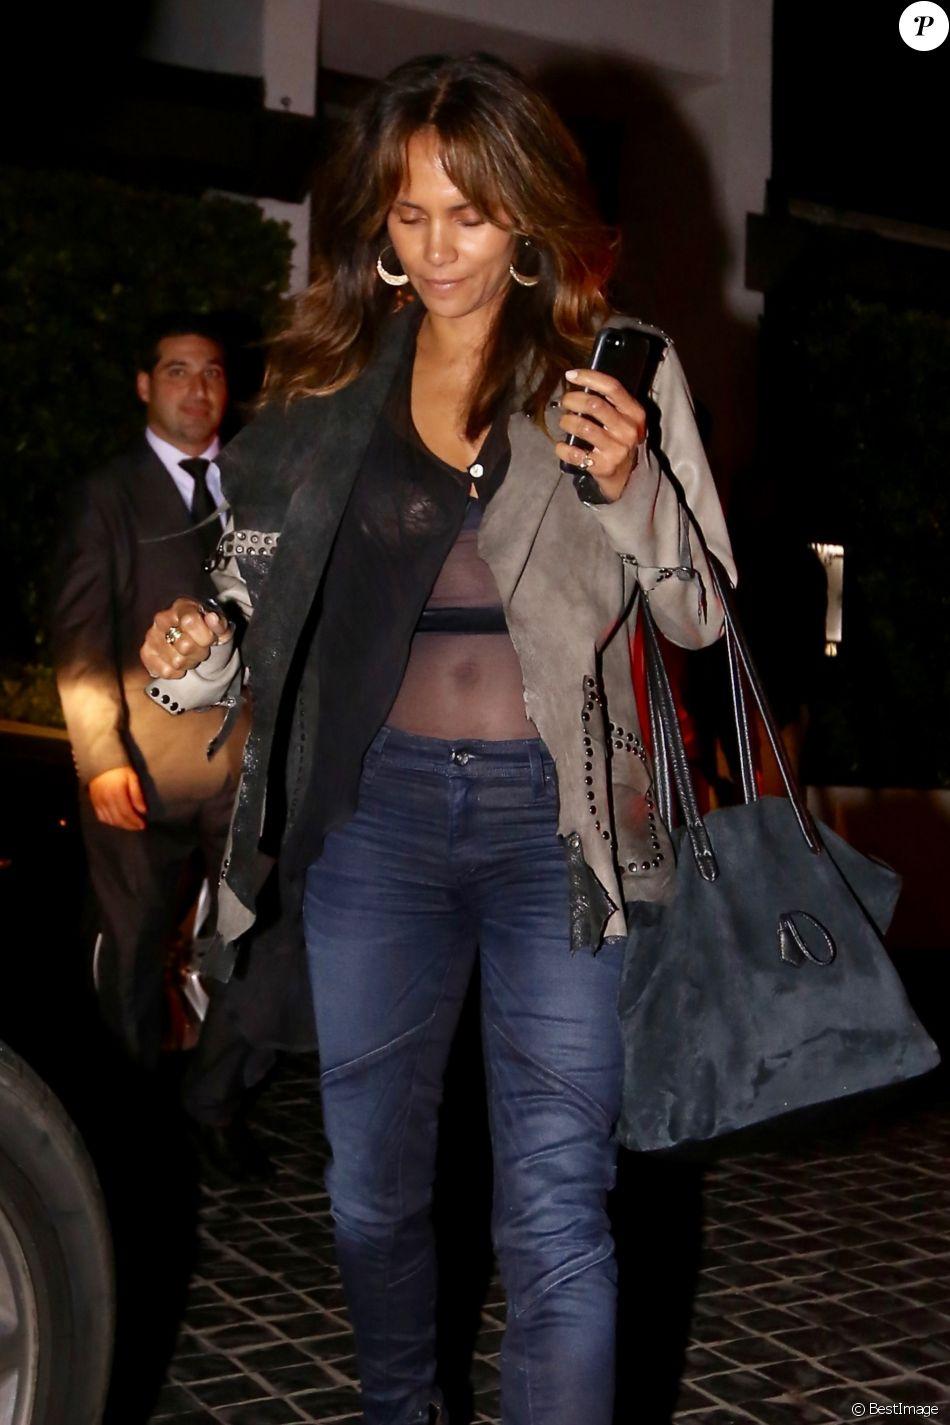 Exclusif - Halle Berry sort d'une soirée d'anniversaire organisée au restaurant Cecconi's à Los Angeles, le 8 juin 2017.